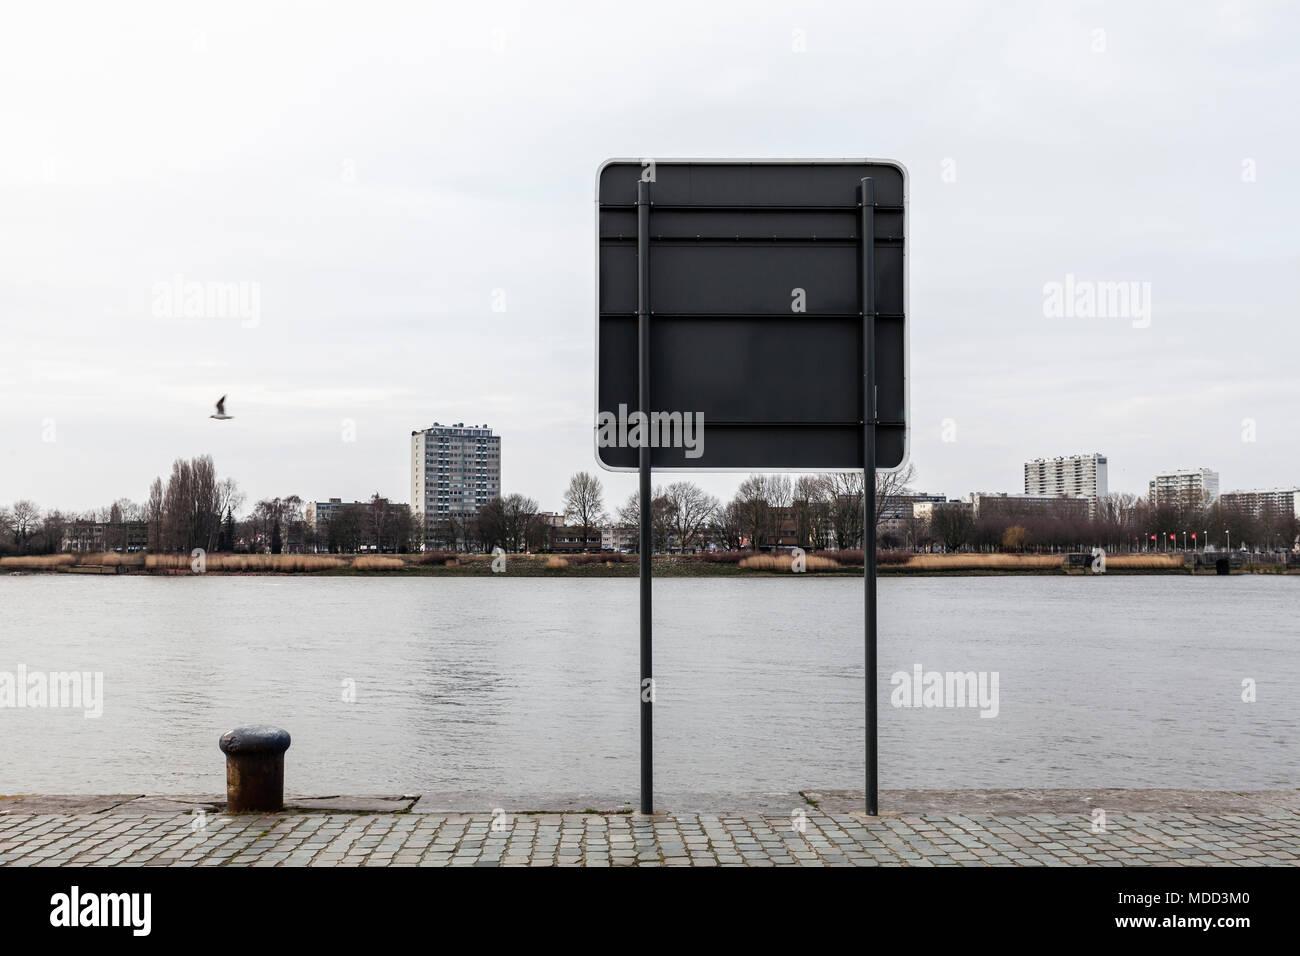 On the banks of the river Scheldt (De Schelde) in Antwerp, Belgium. Stock Photo